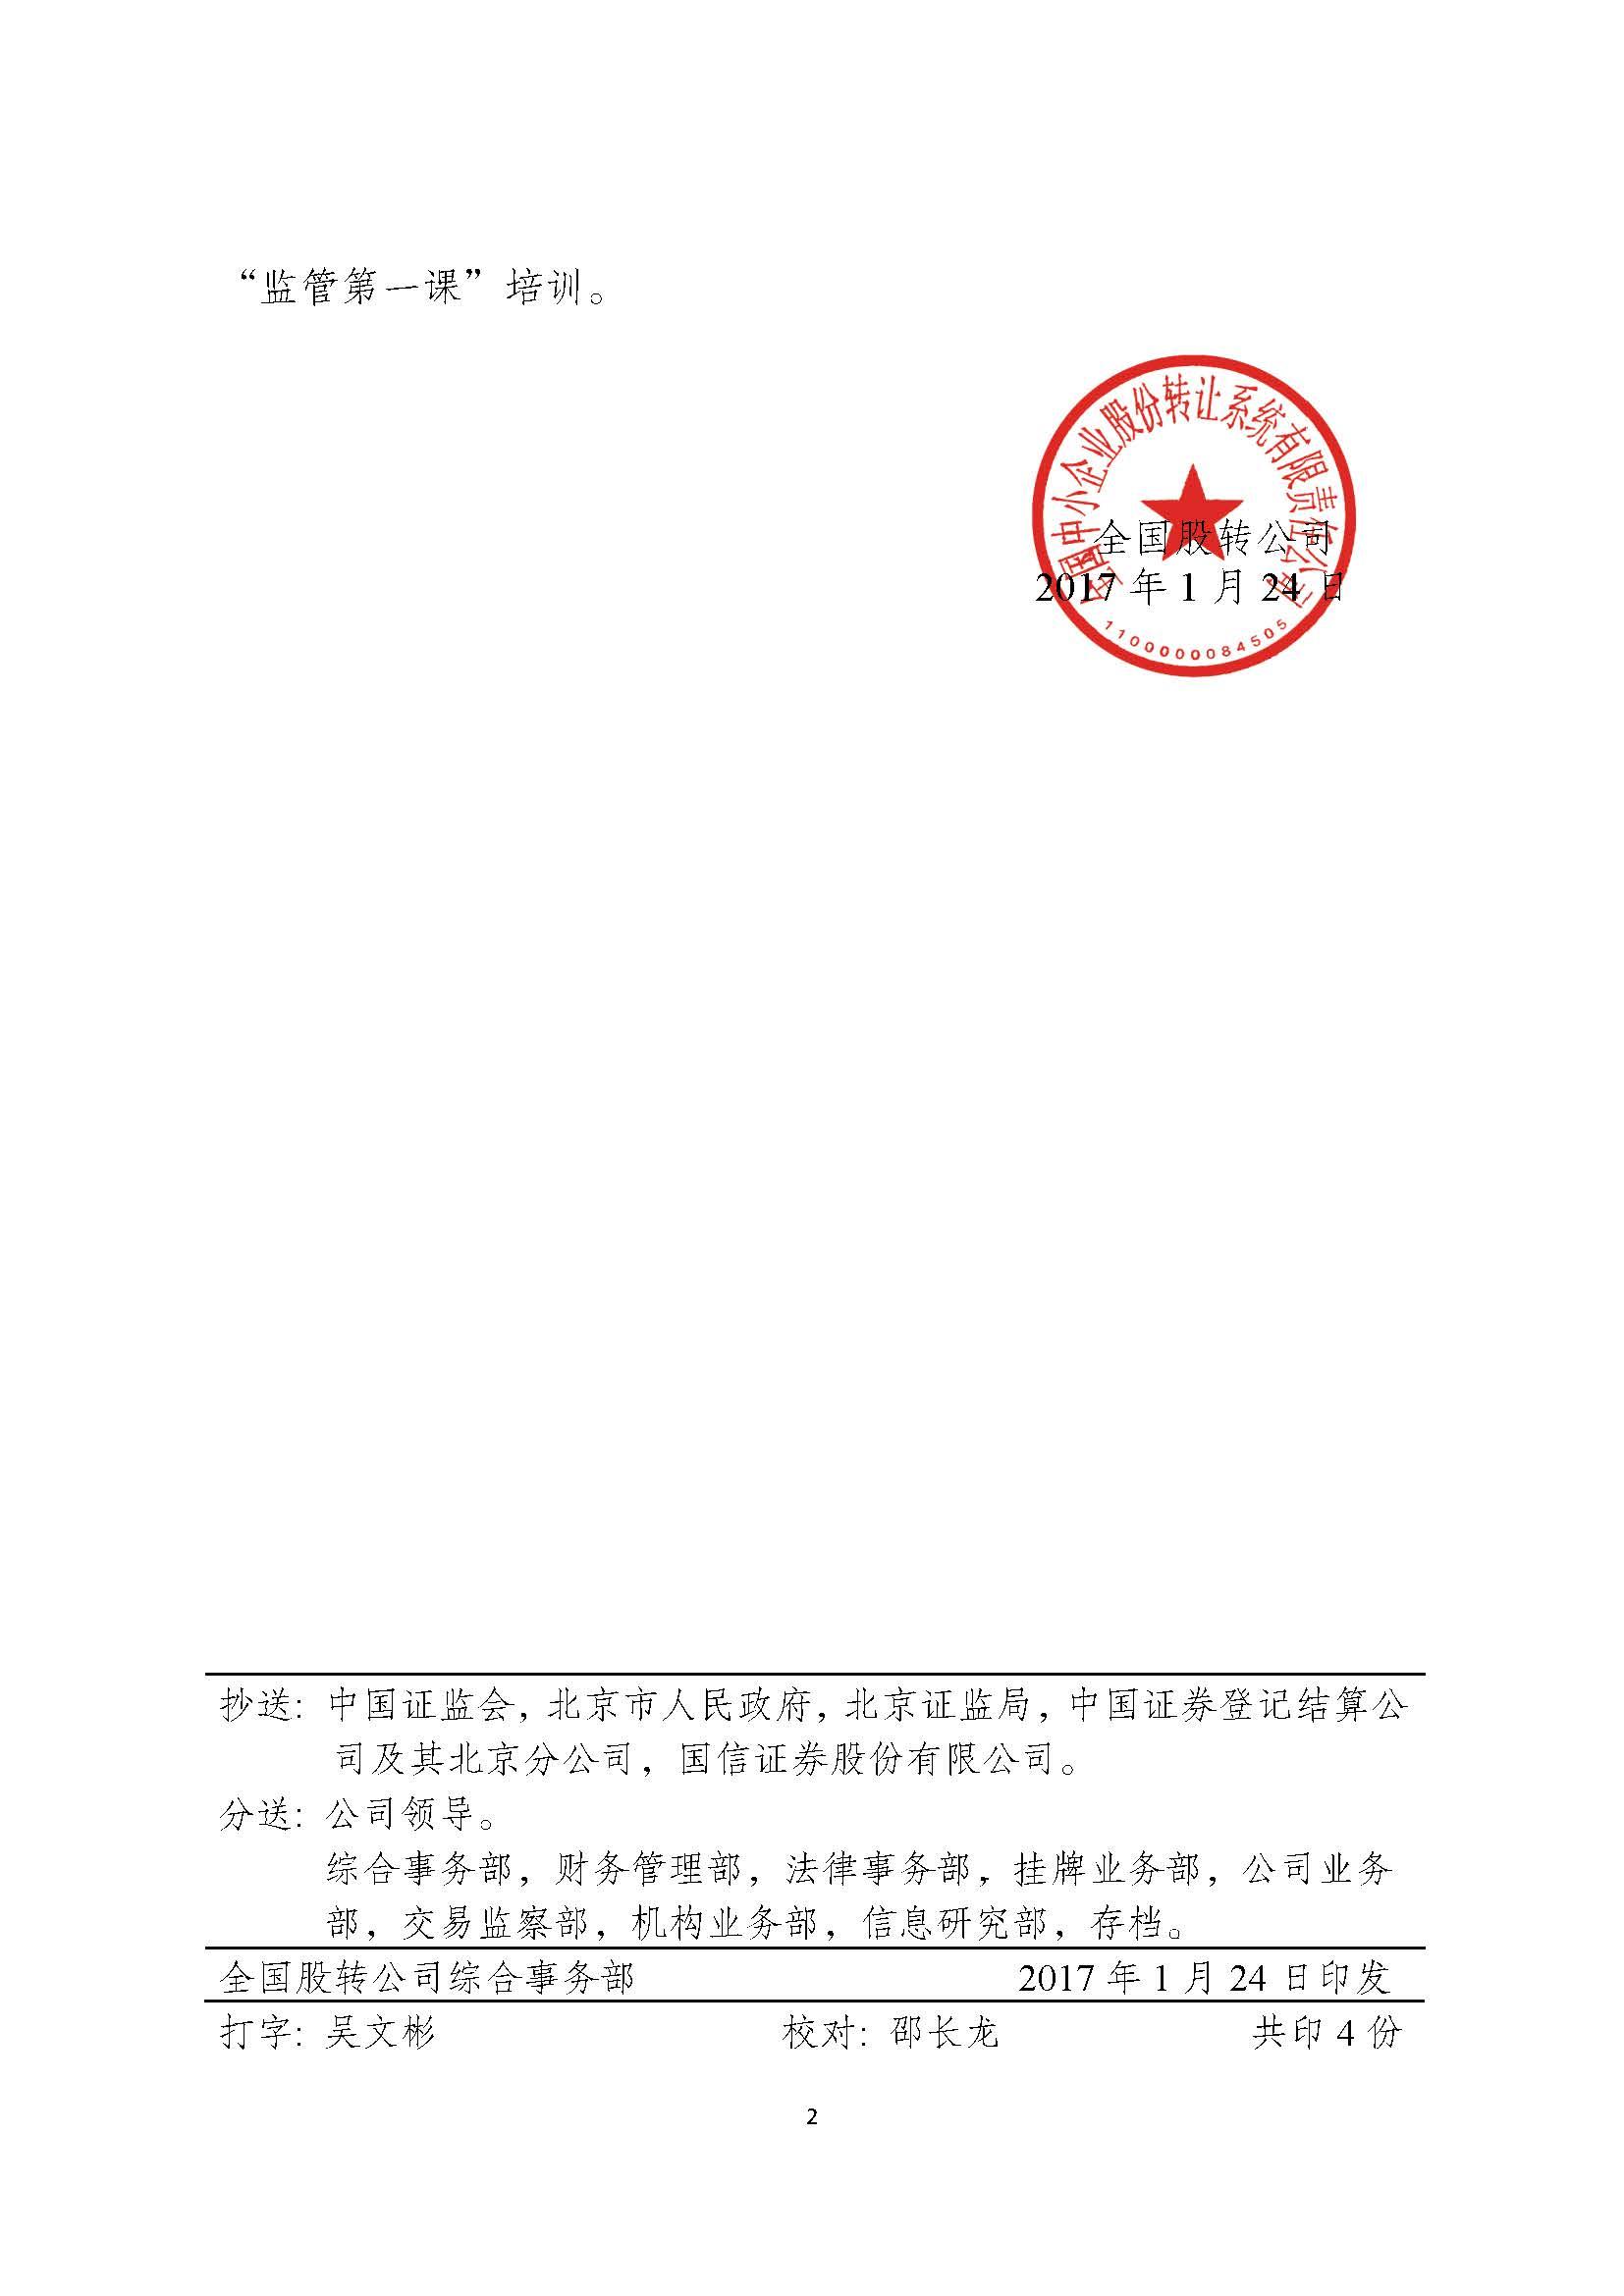 632号-关于同意北京方智科技股份有限公司股票在全国中小企业股份转让系统挂牌的函_页面_2.jpg